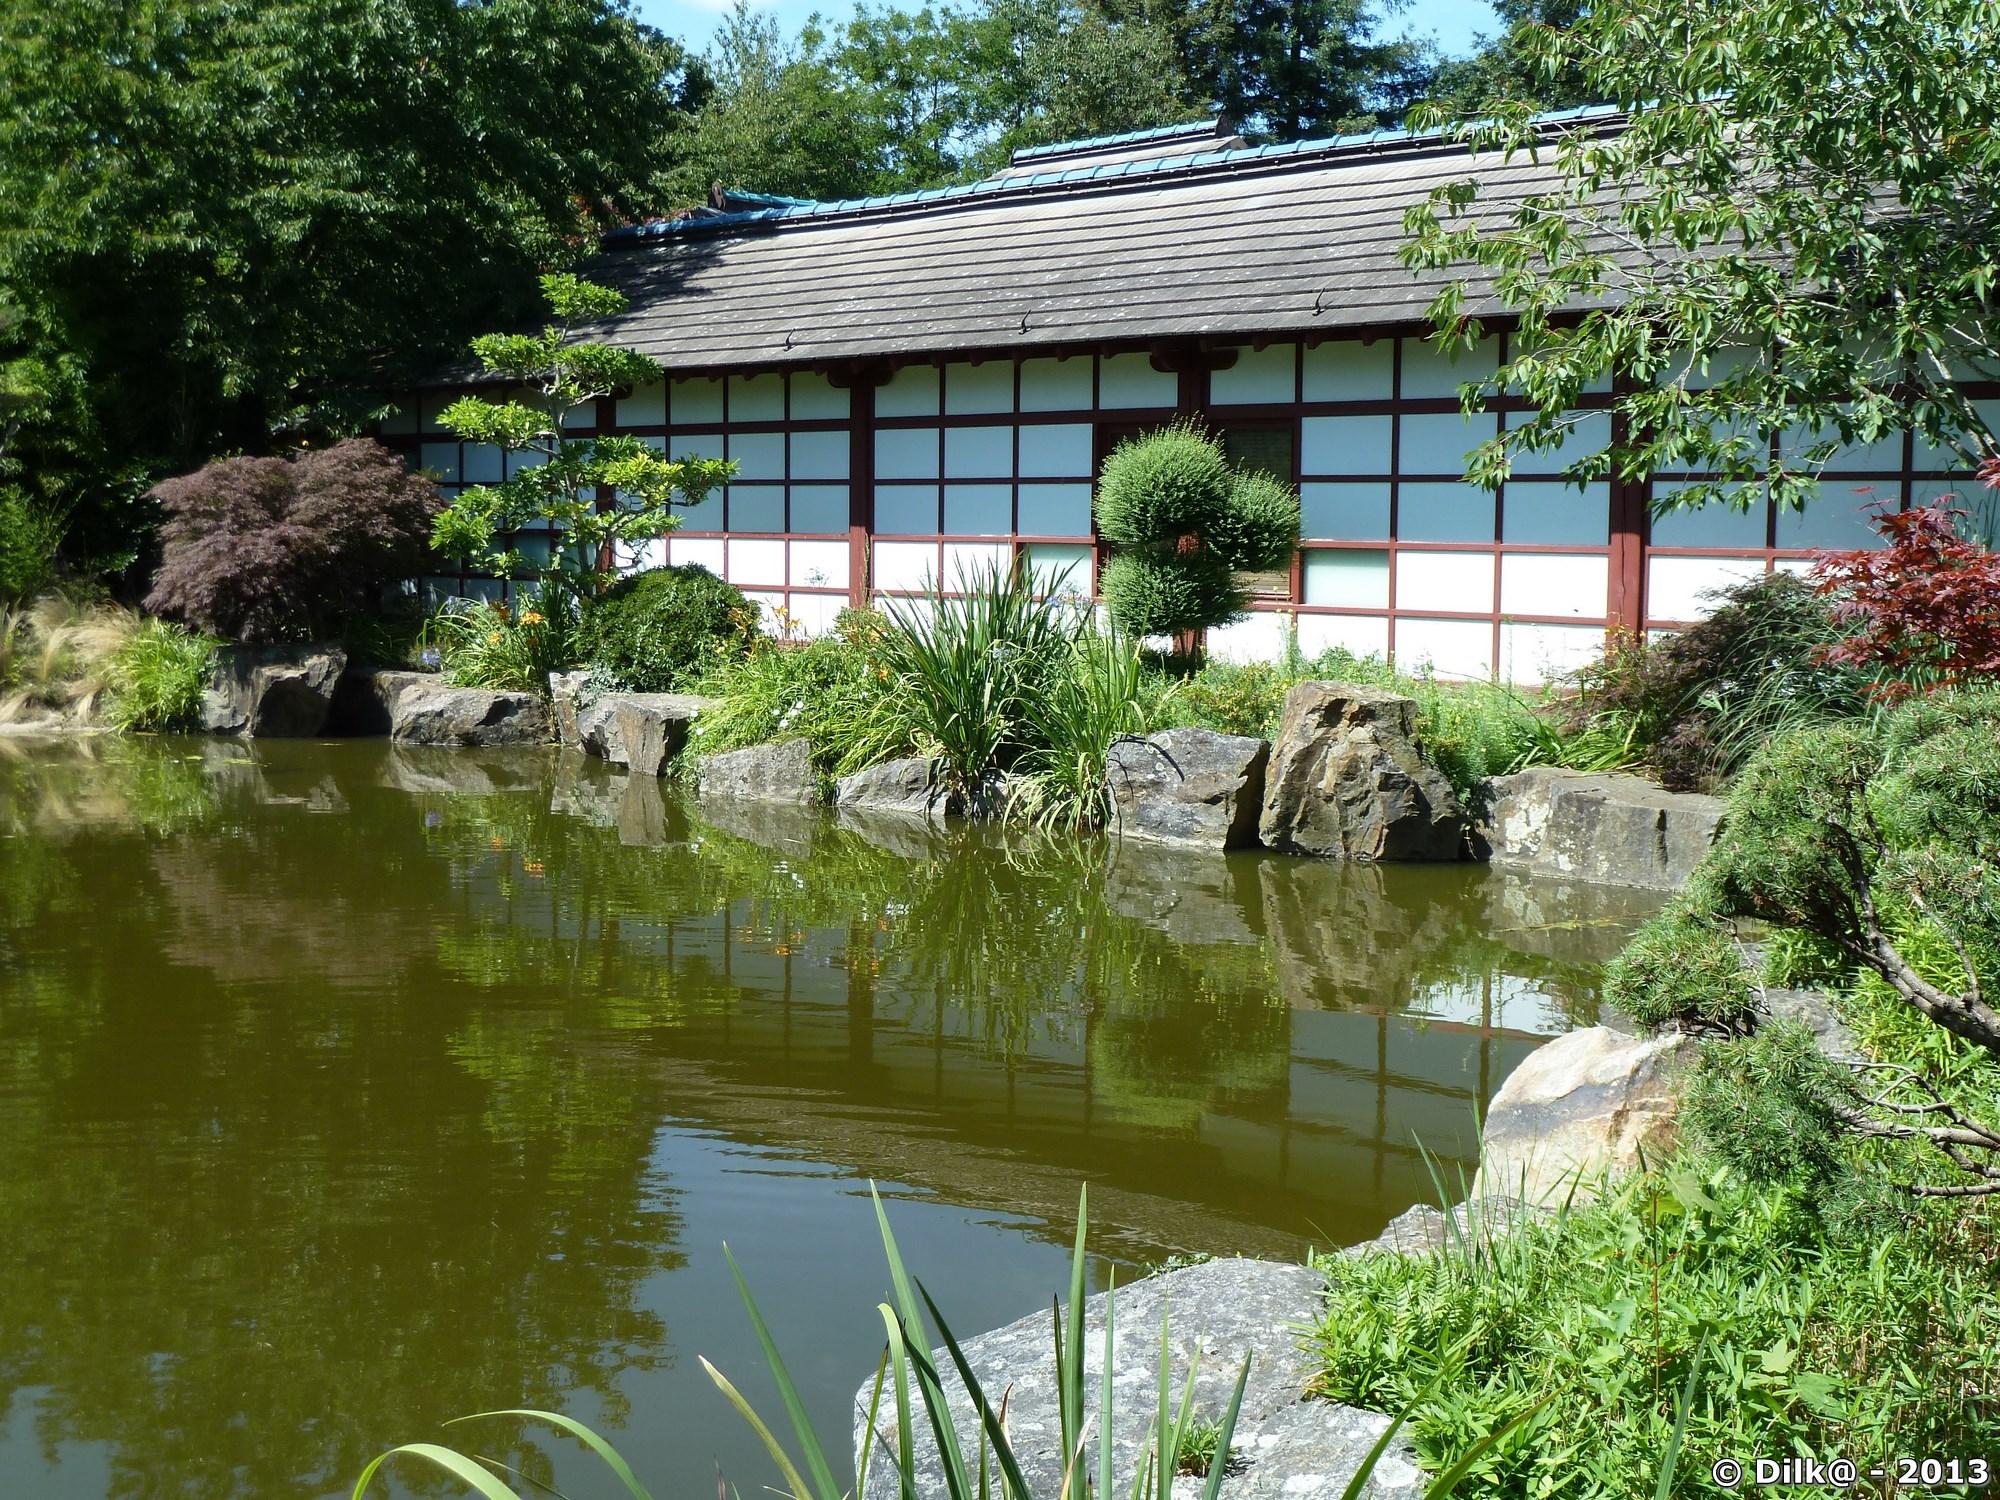 La jardin japonnais de l'île de Versailles